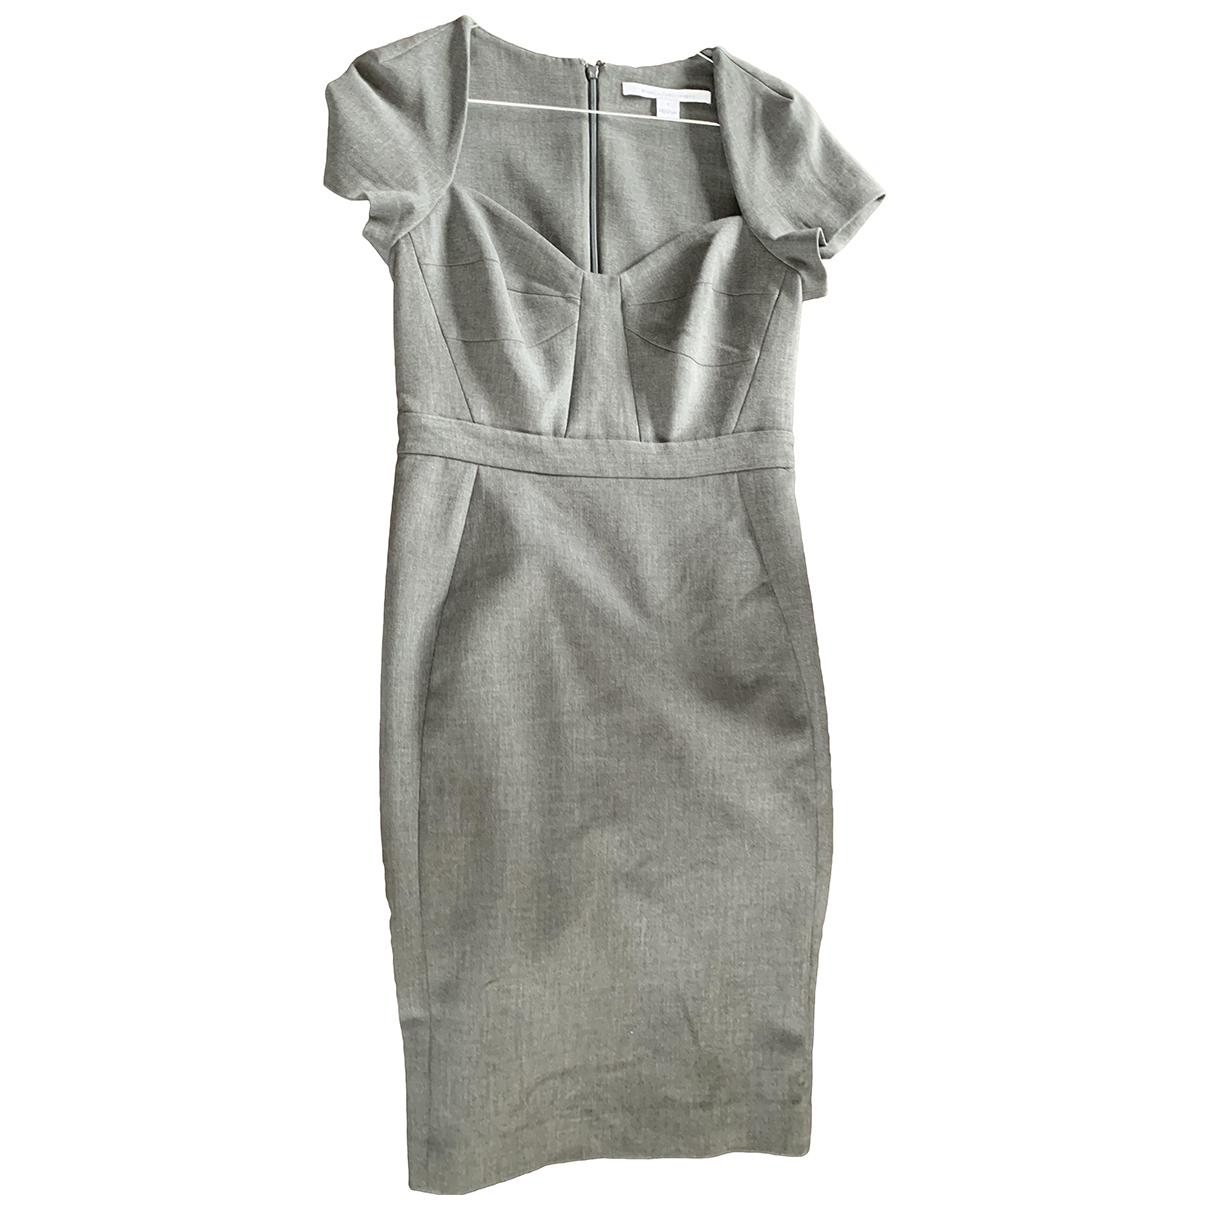 Diane Von Furstenberg \N Grey dress for Women 2 0-5